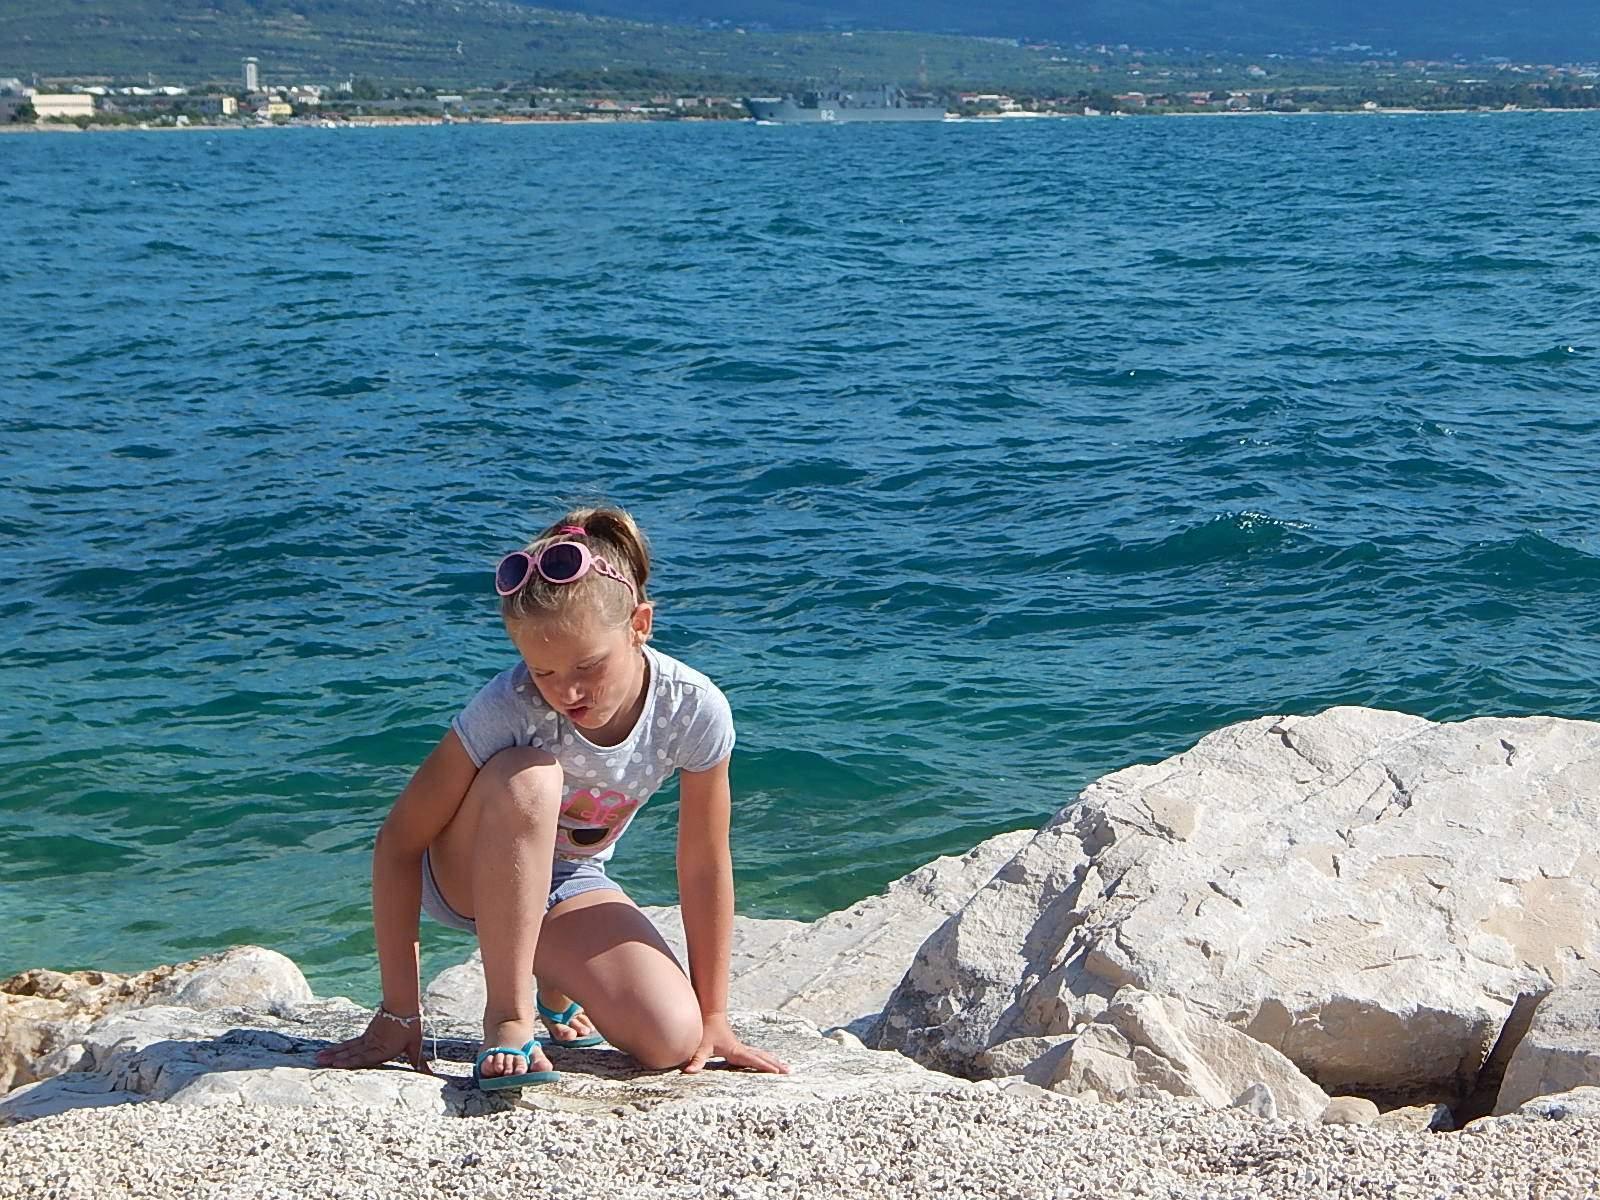 Chorvatsko 2011 - promamu - album na Rajčeti